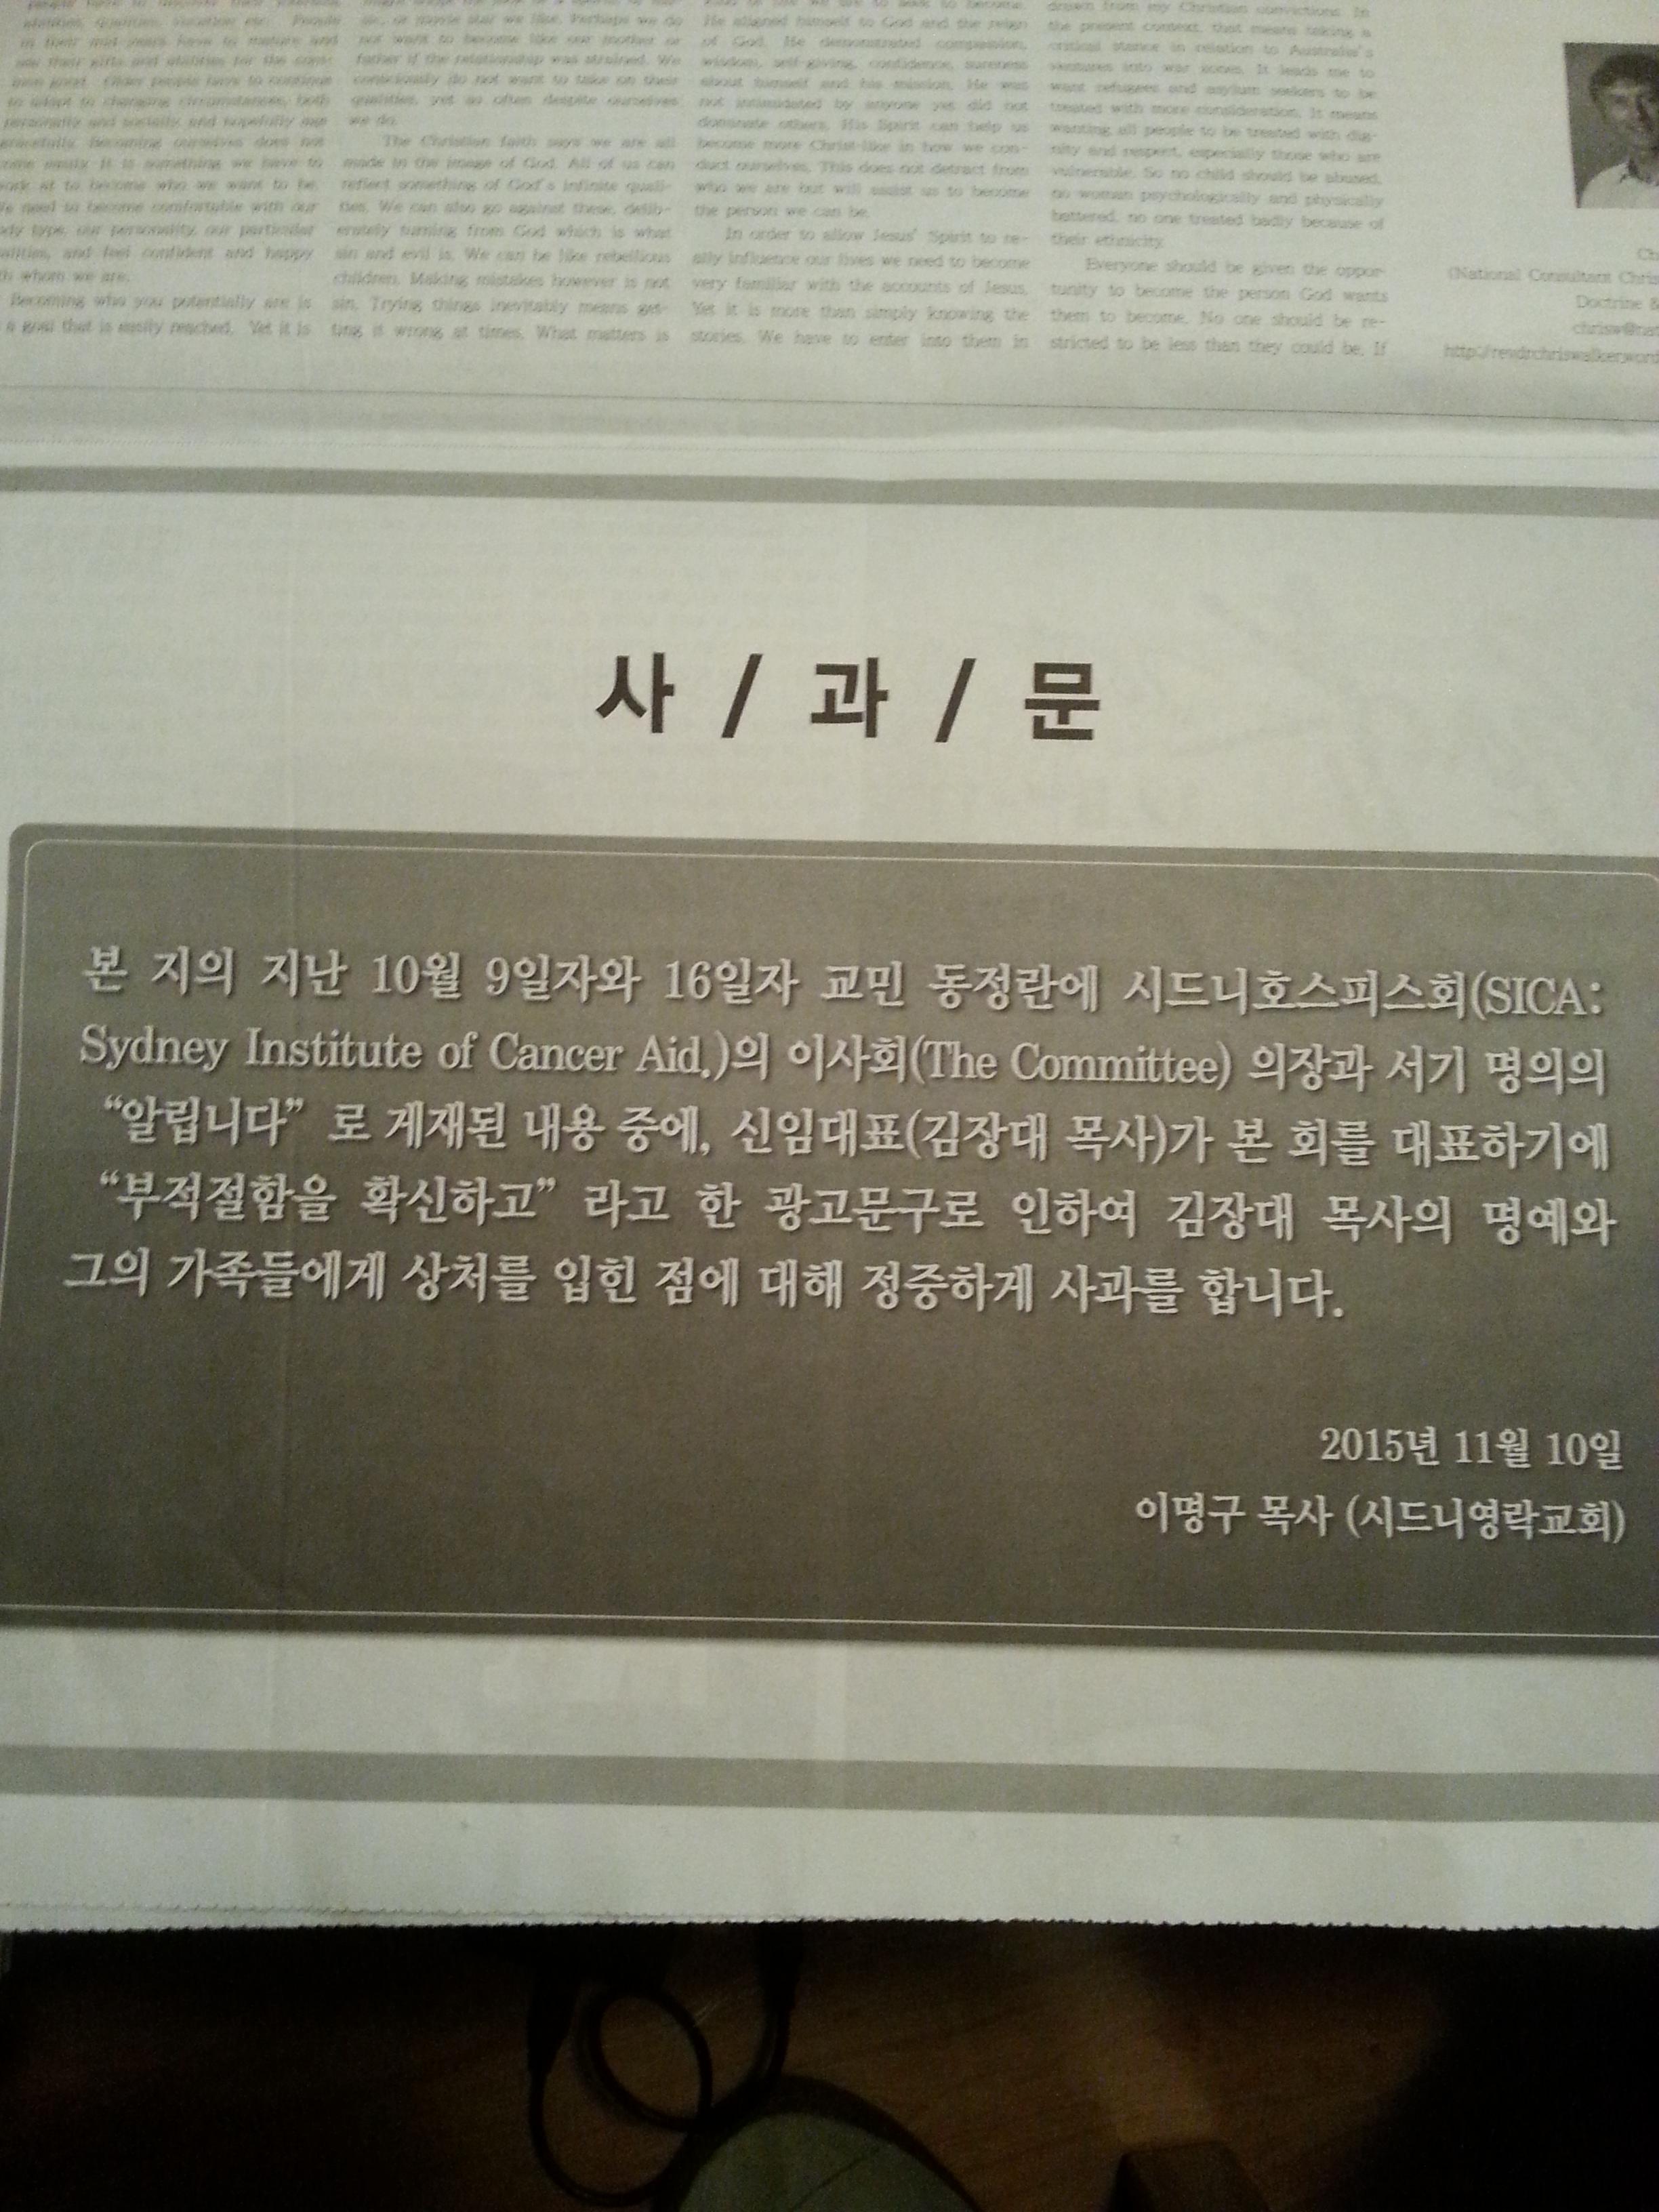 이명구 목사 사과문-크리스천라이프(20151113)